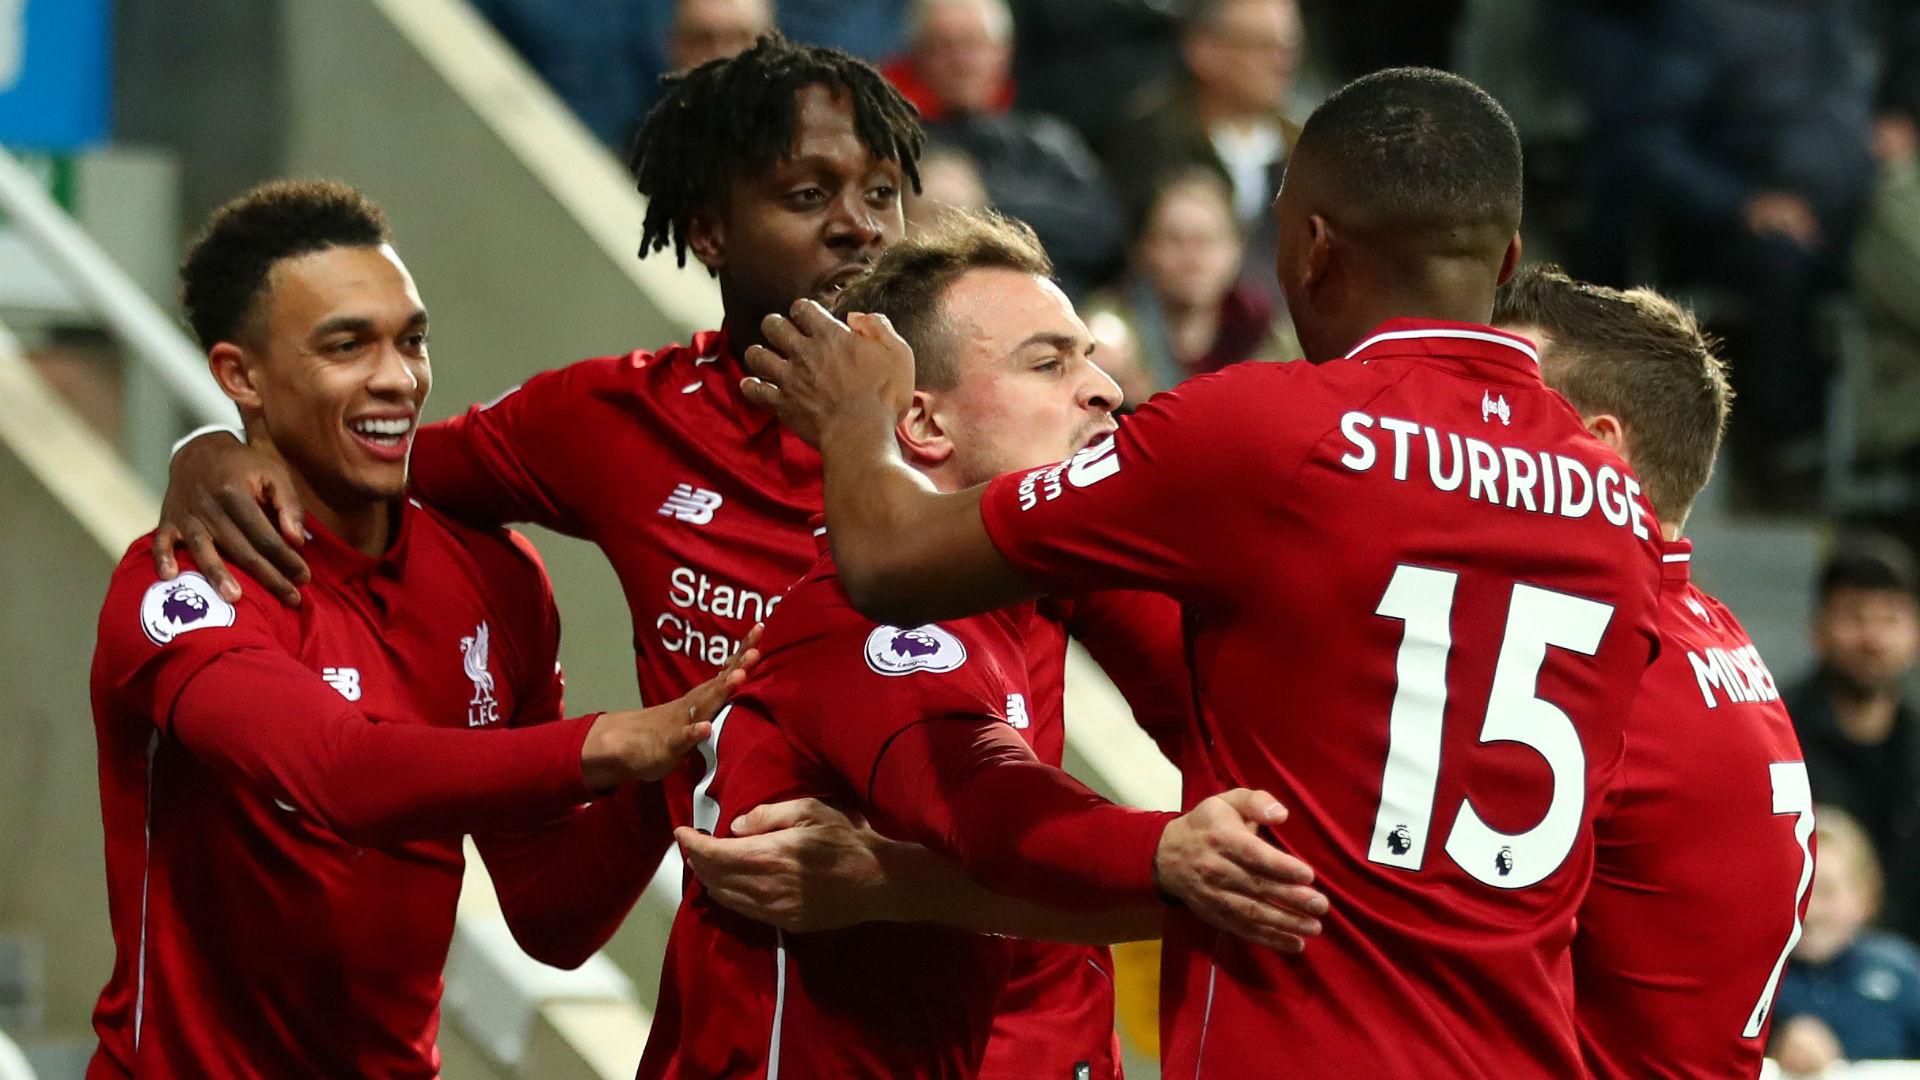 Liverpool Newcastle Premier League 2019